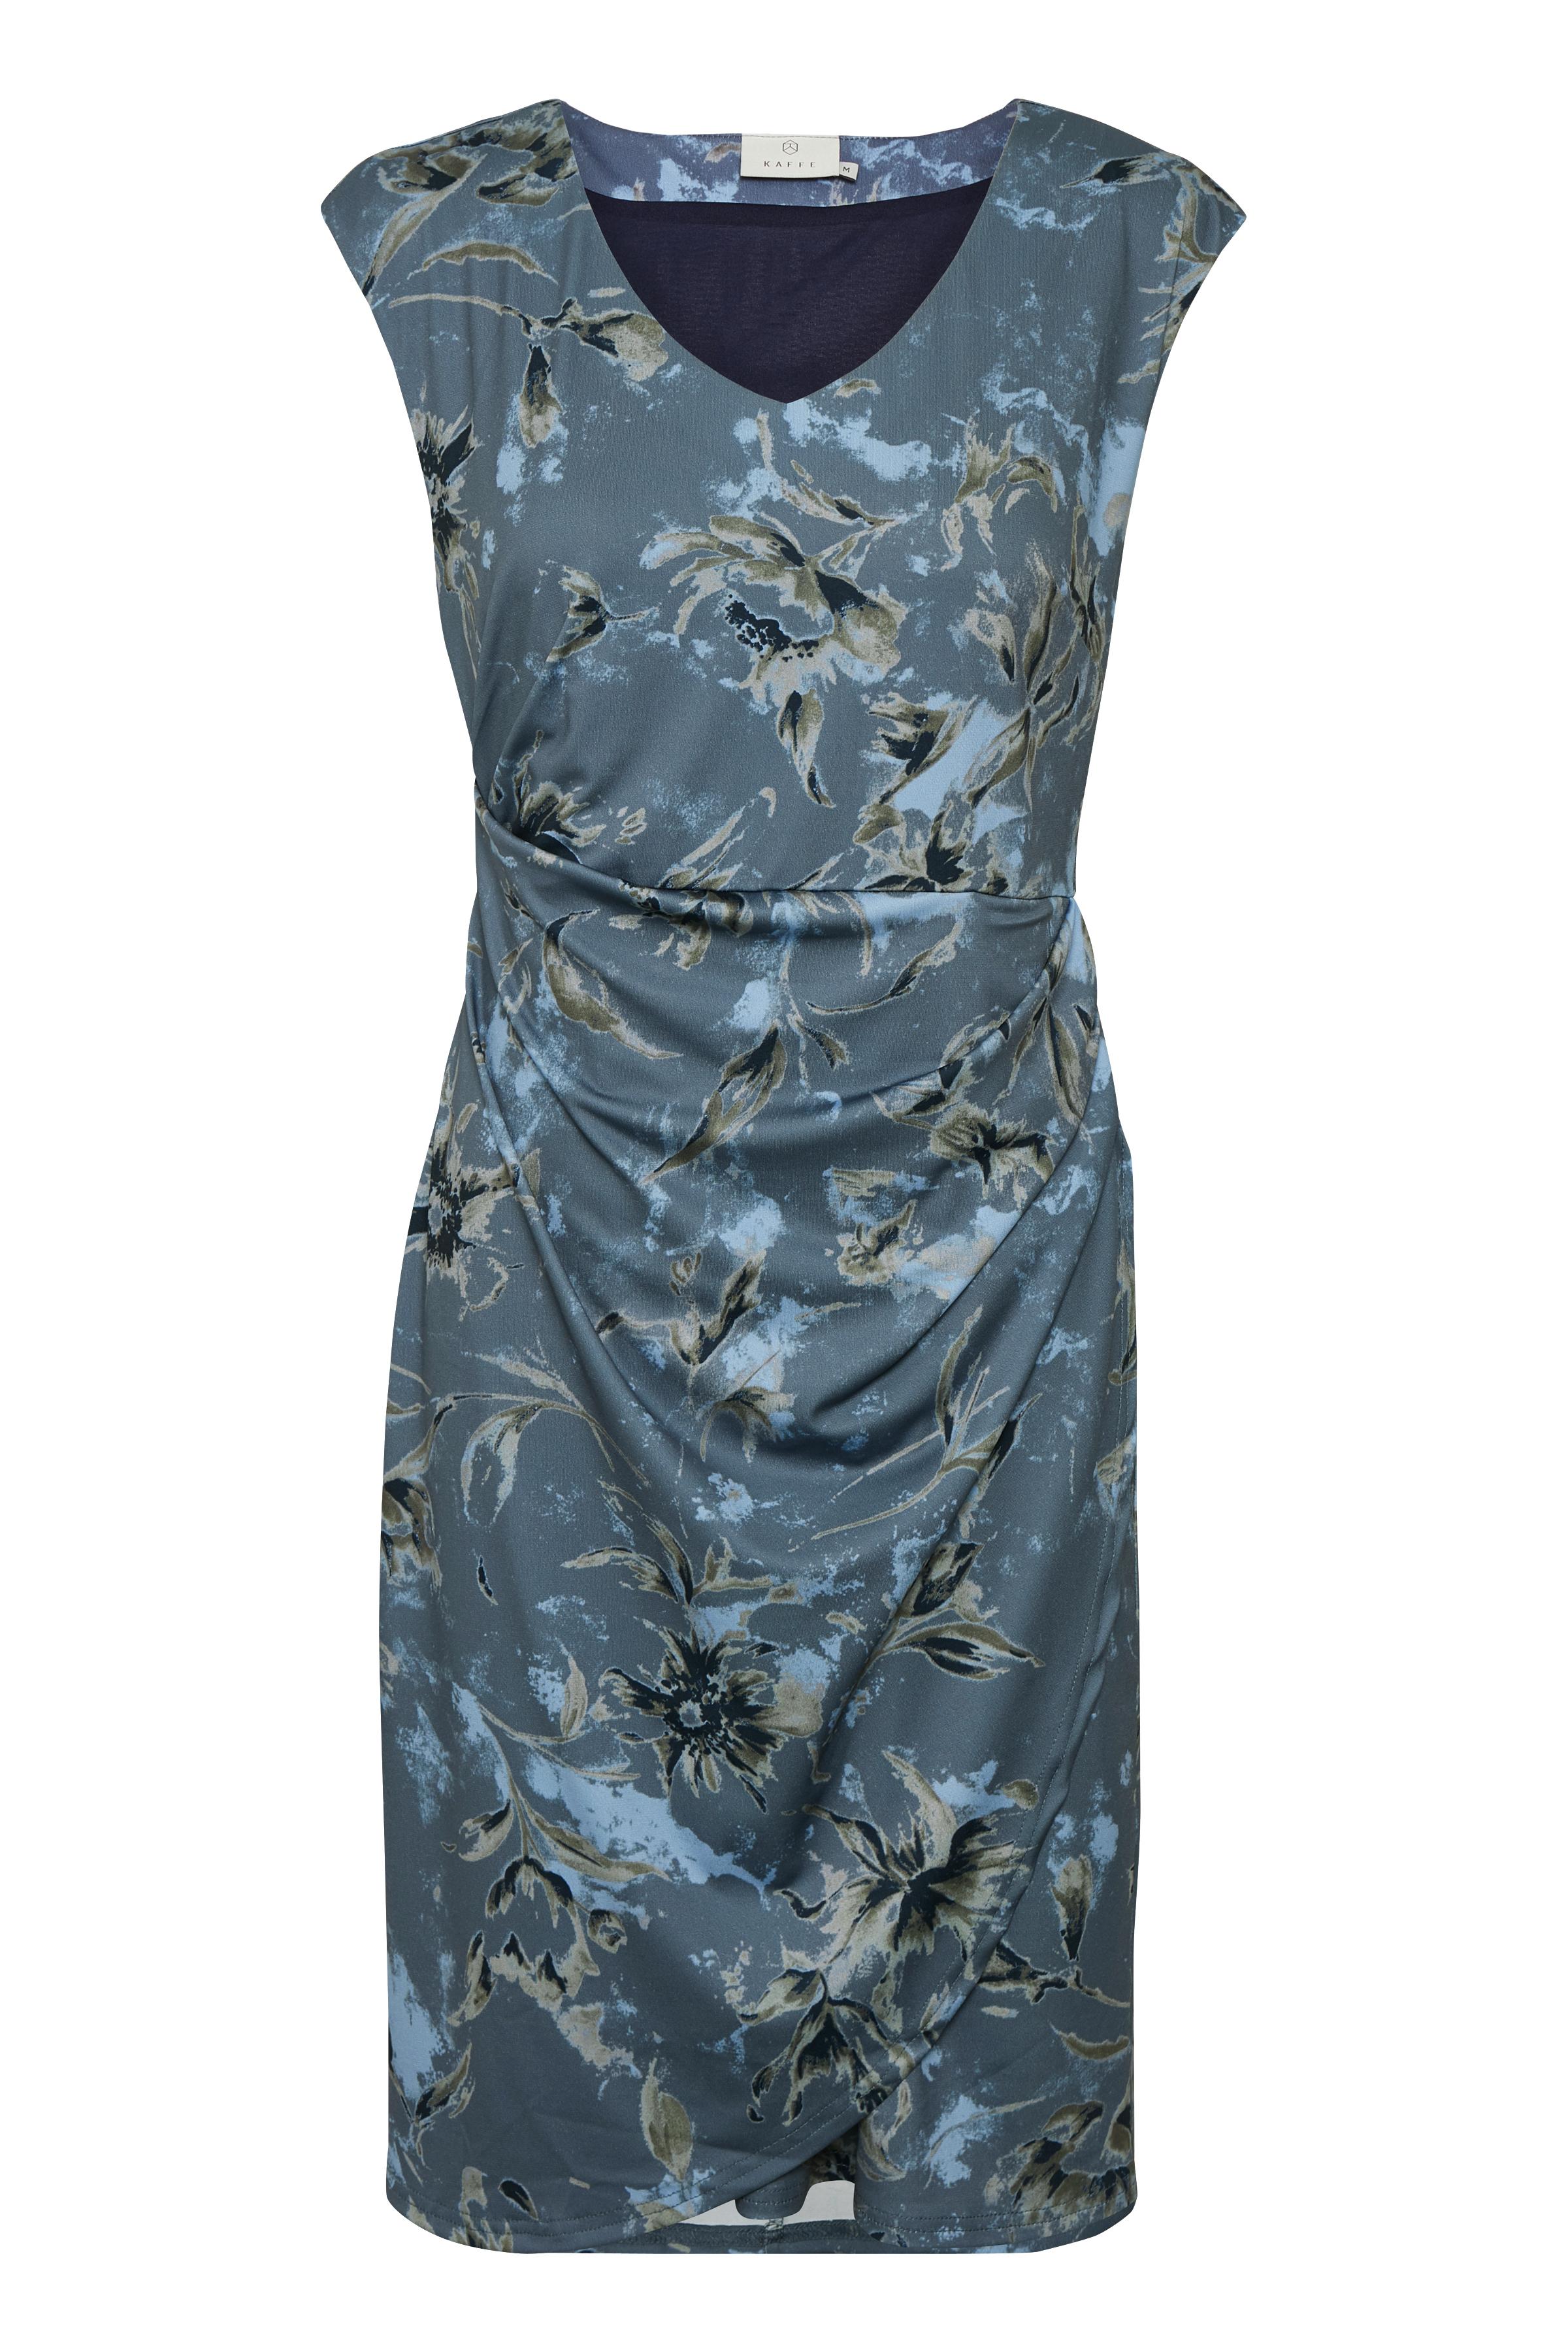 88be7e312c9 Sommerkjole   Guide til den rette sommer kjole 2019 ⇒ Inspiration ...